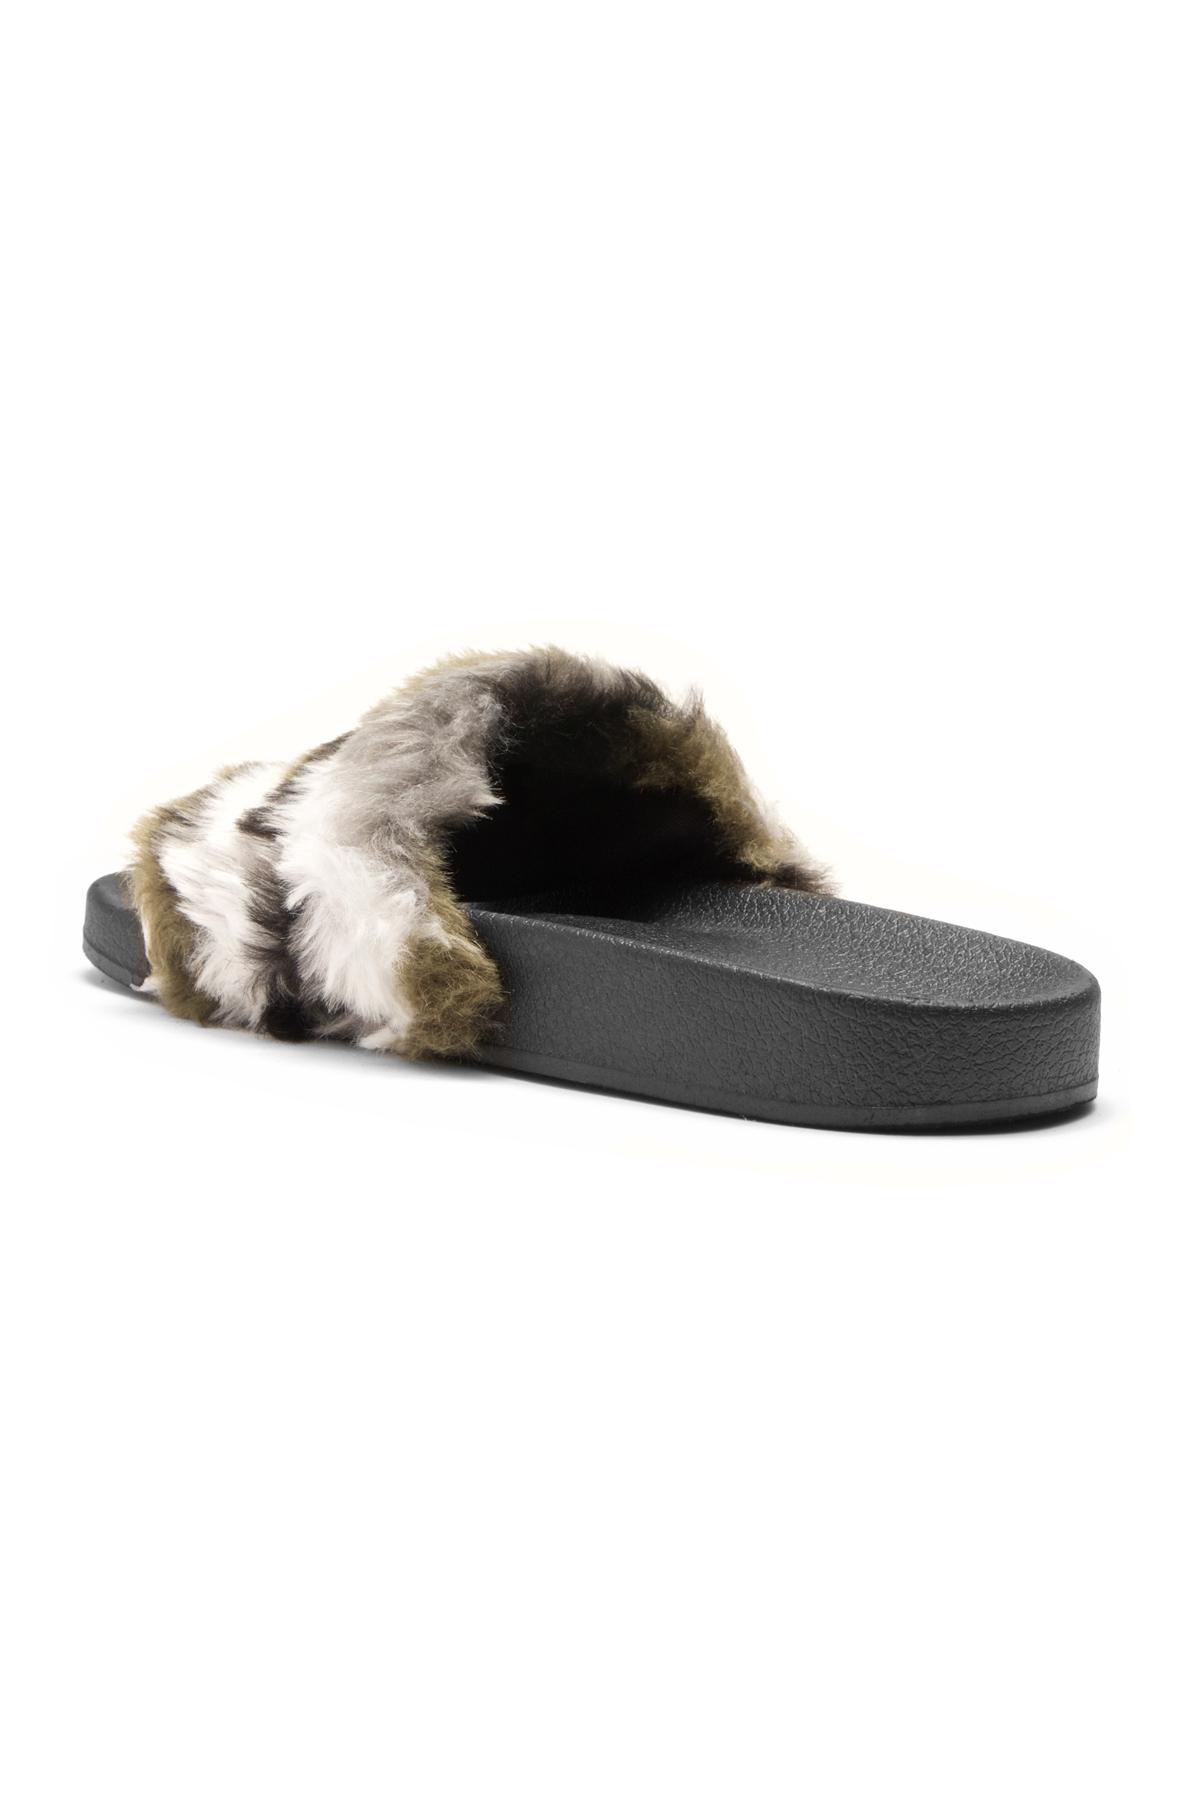 aa39685b895c Herstyle Women s SL-160801 Faux Fur Slide Sandal(Camouflag)